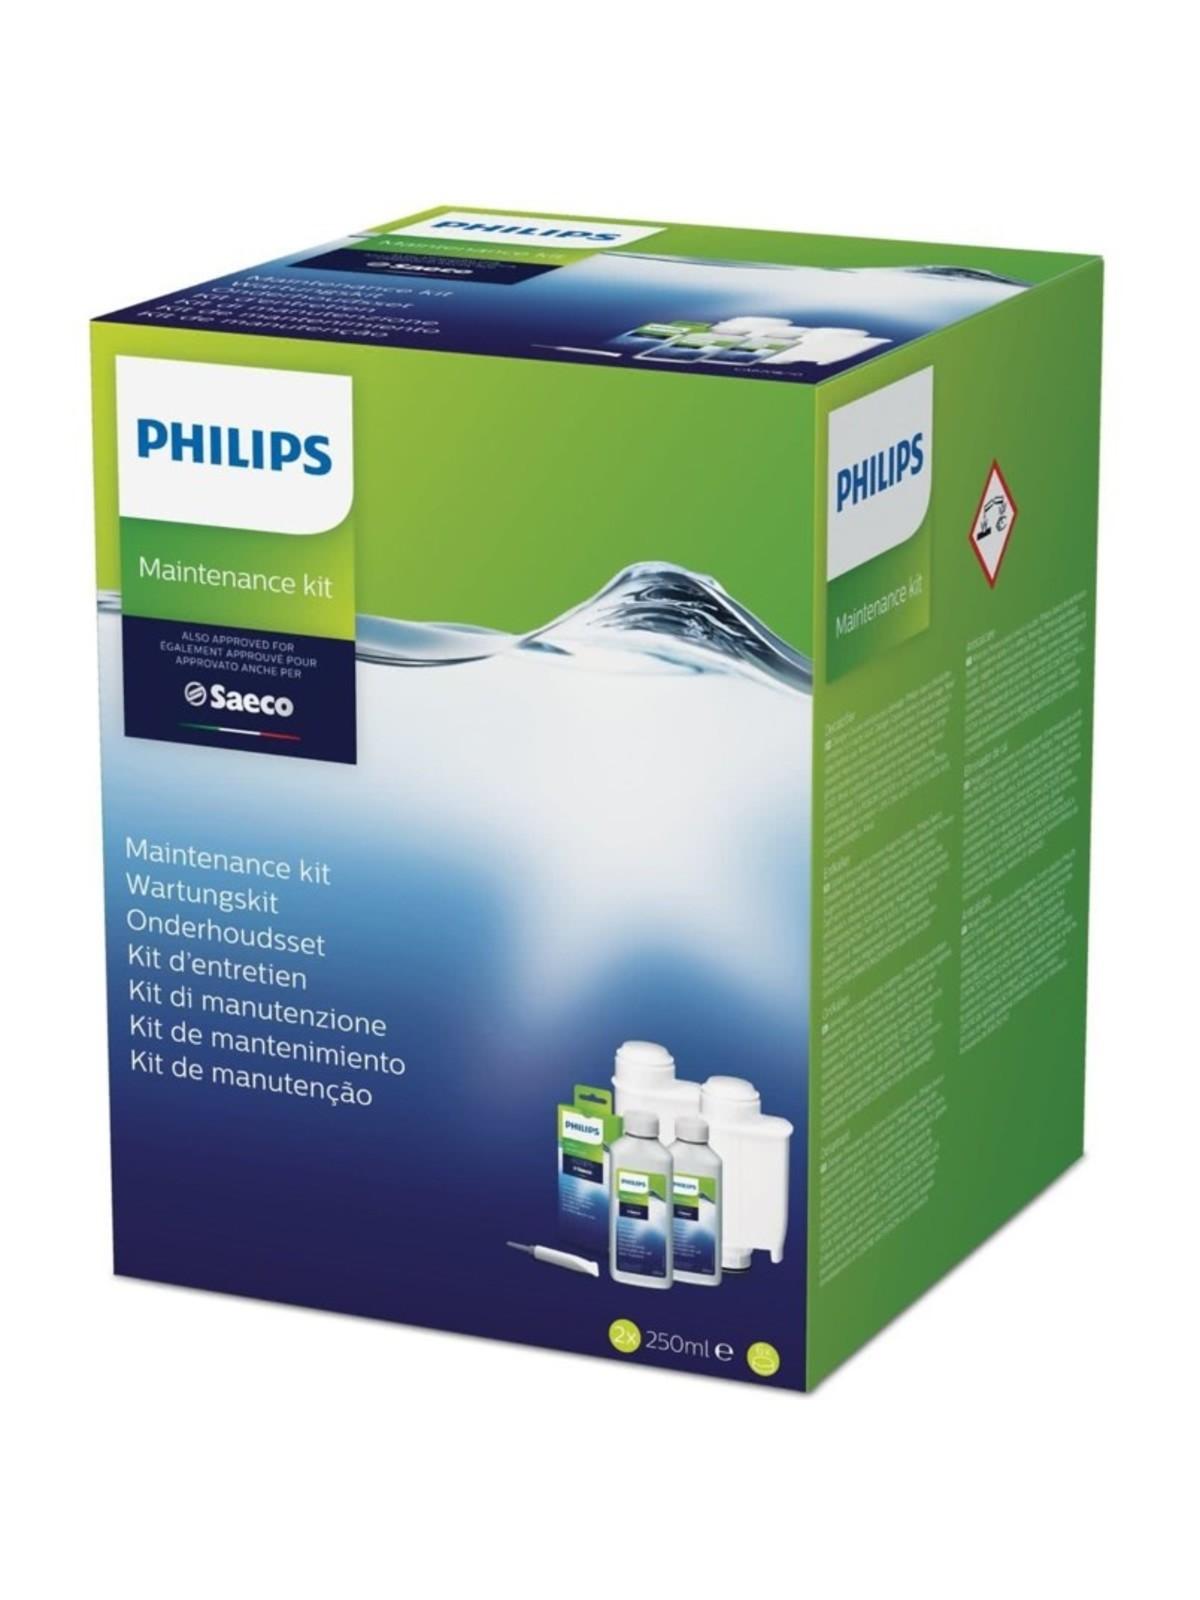 PHILIPS SAECO Onderhoudsset